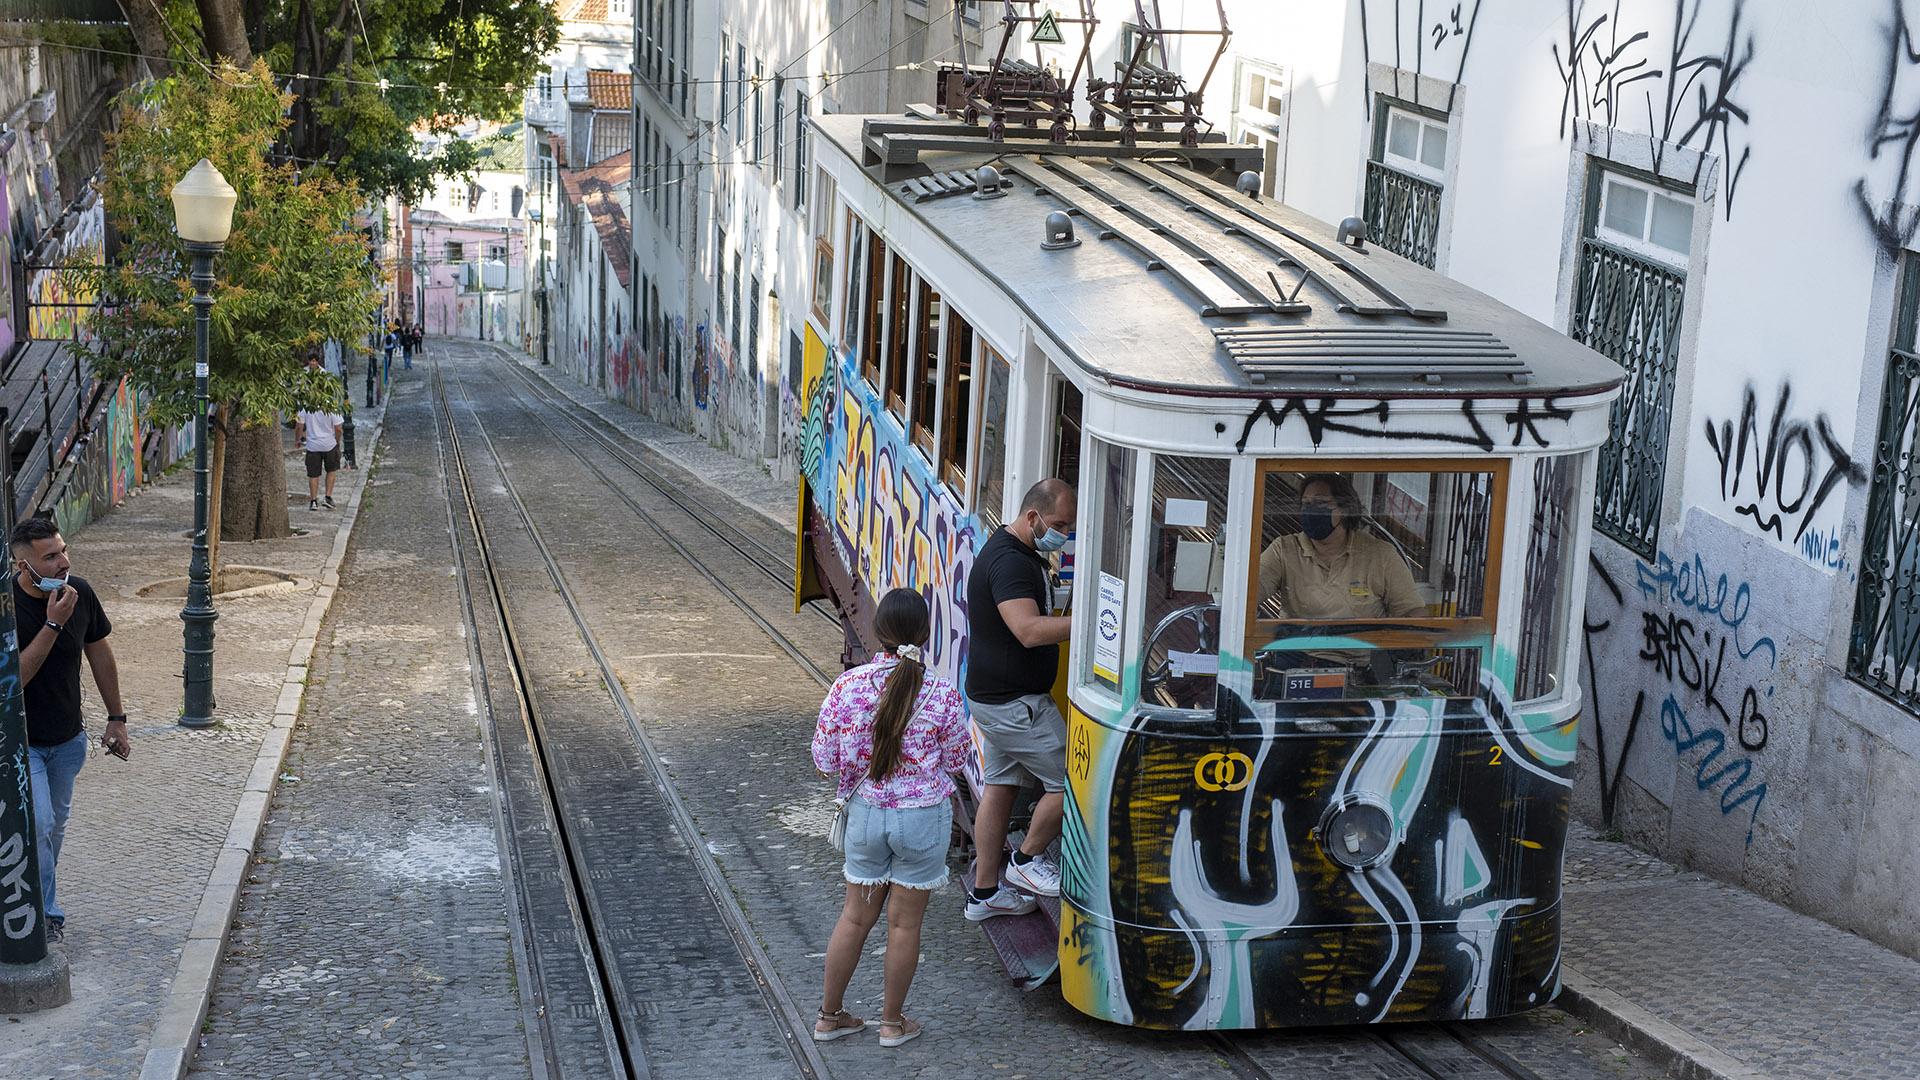 20210706 Lisbon 019